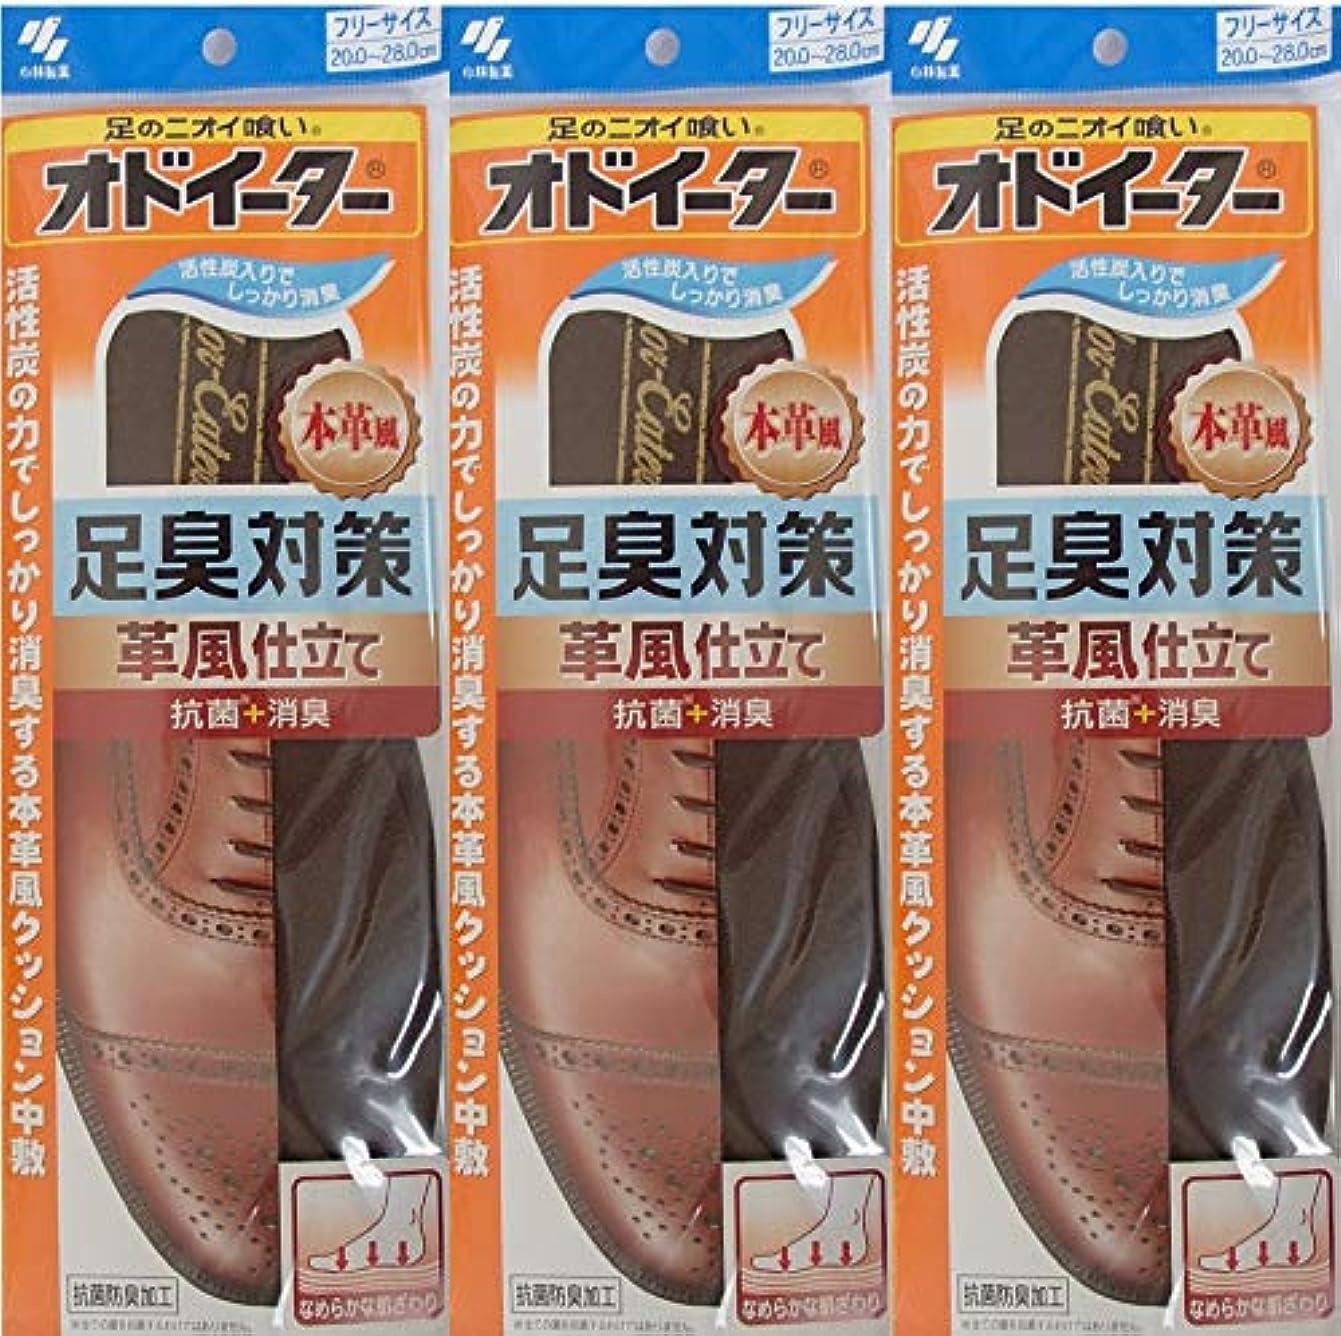 意気揚々強制的カーペットオドイーター 足臭対策 革風仕立て インソール フリーサイズ20cm~28cm 3足セット